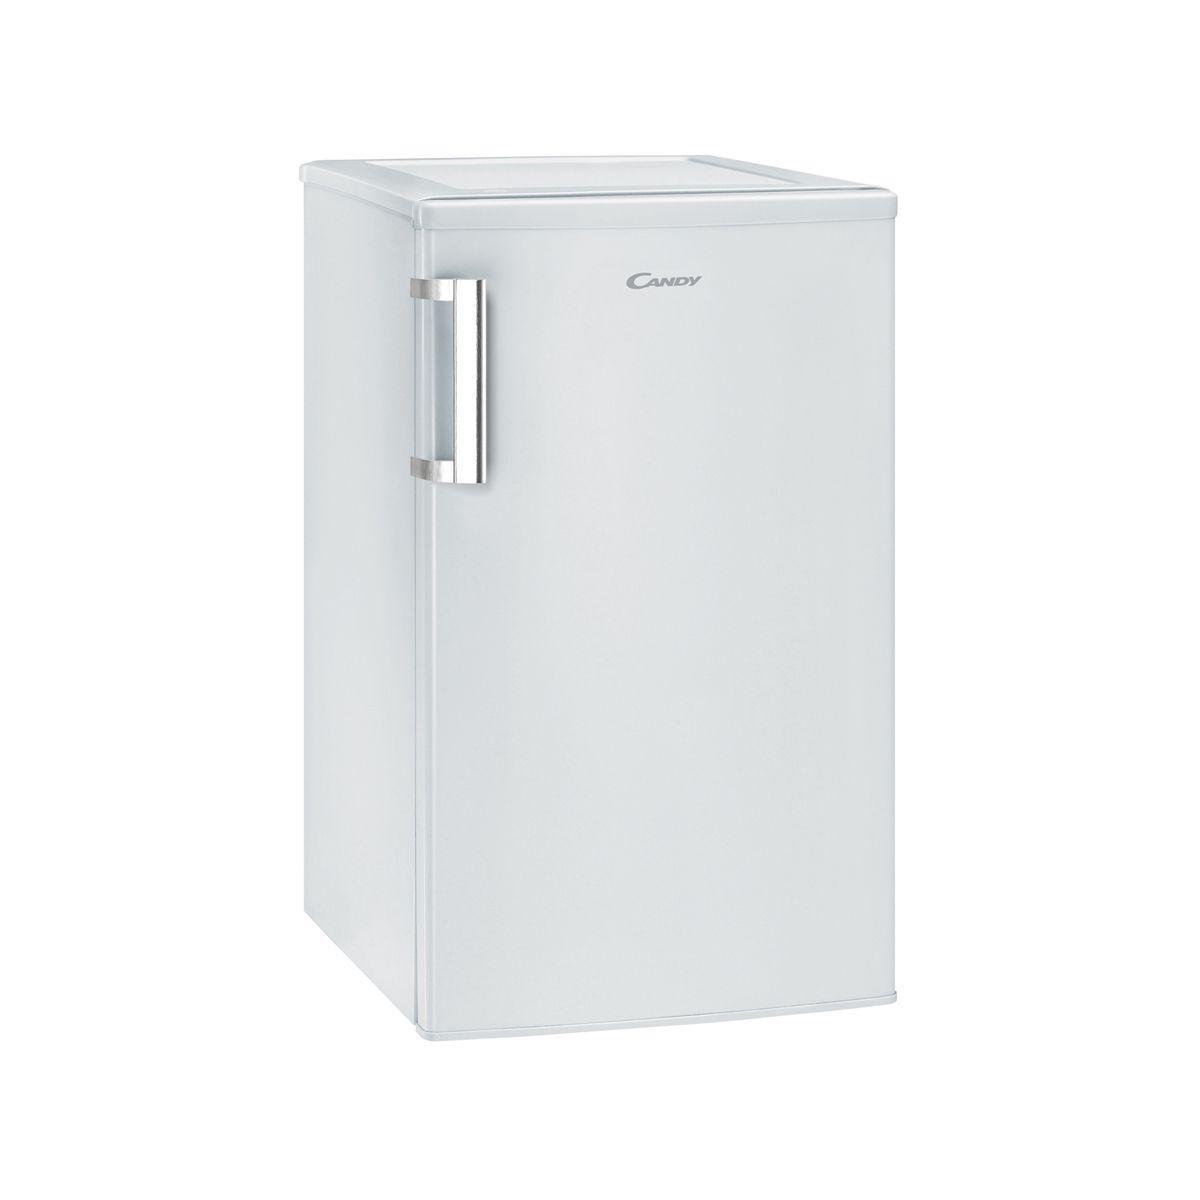 Réfrigérateur top candy cctos482wh - 10% de remise : code gam10